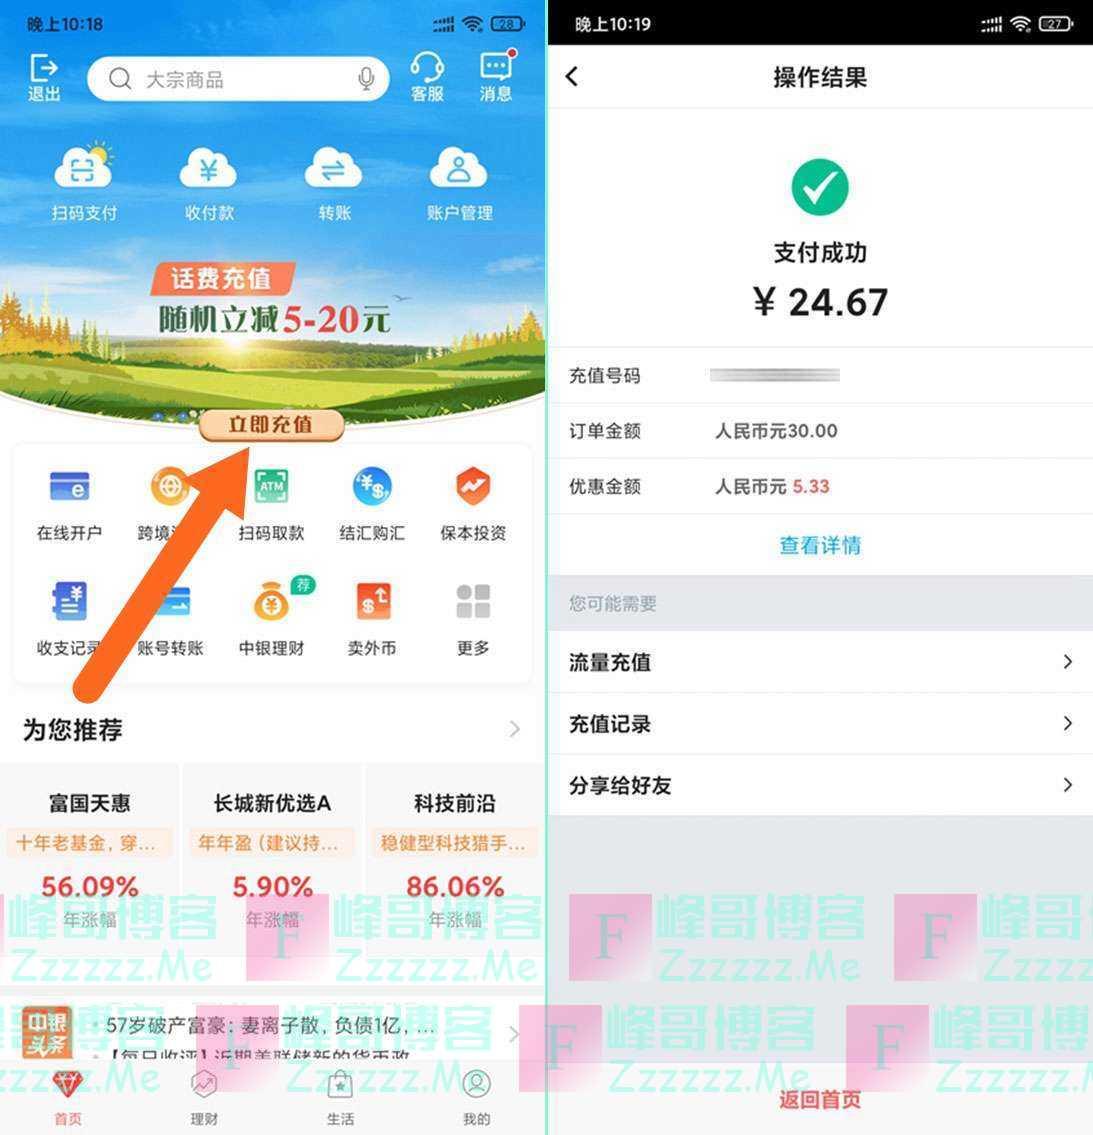 中国银行APP夏日有礼活动 话费充值随机立减5~20元